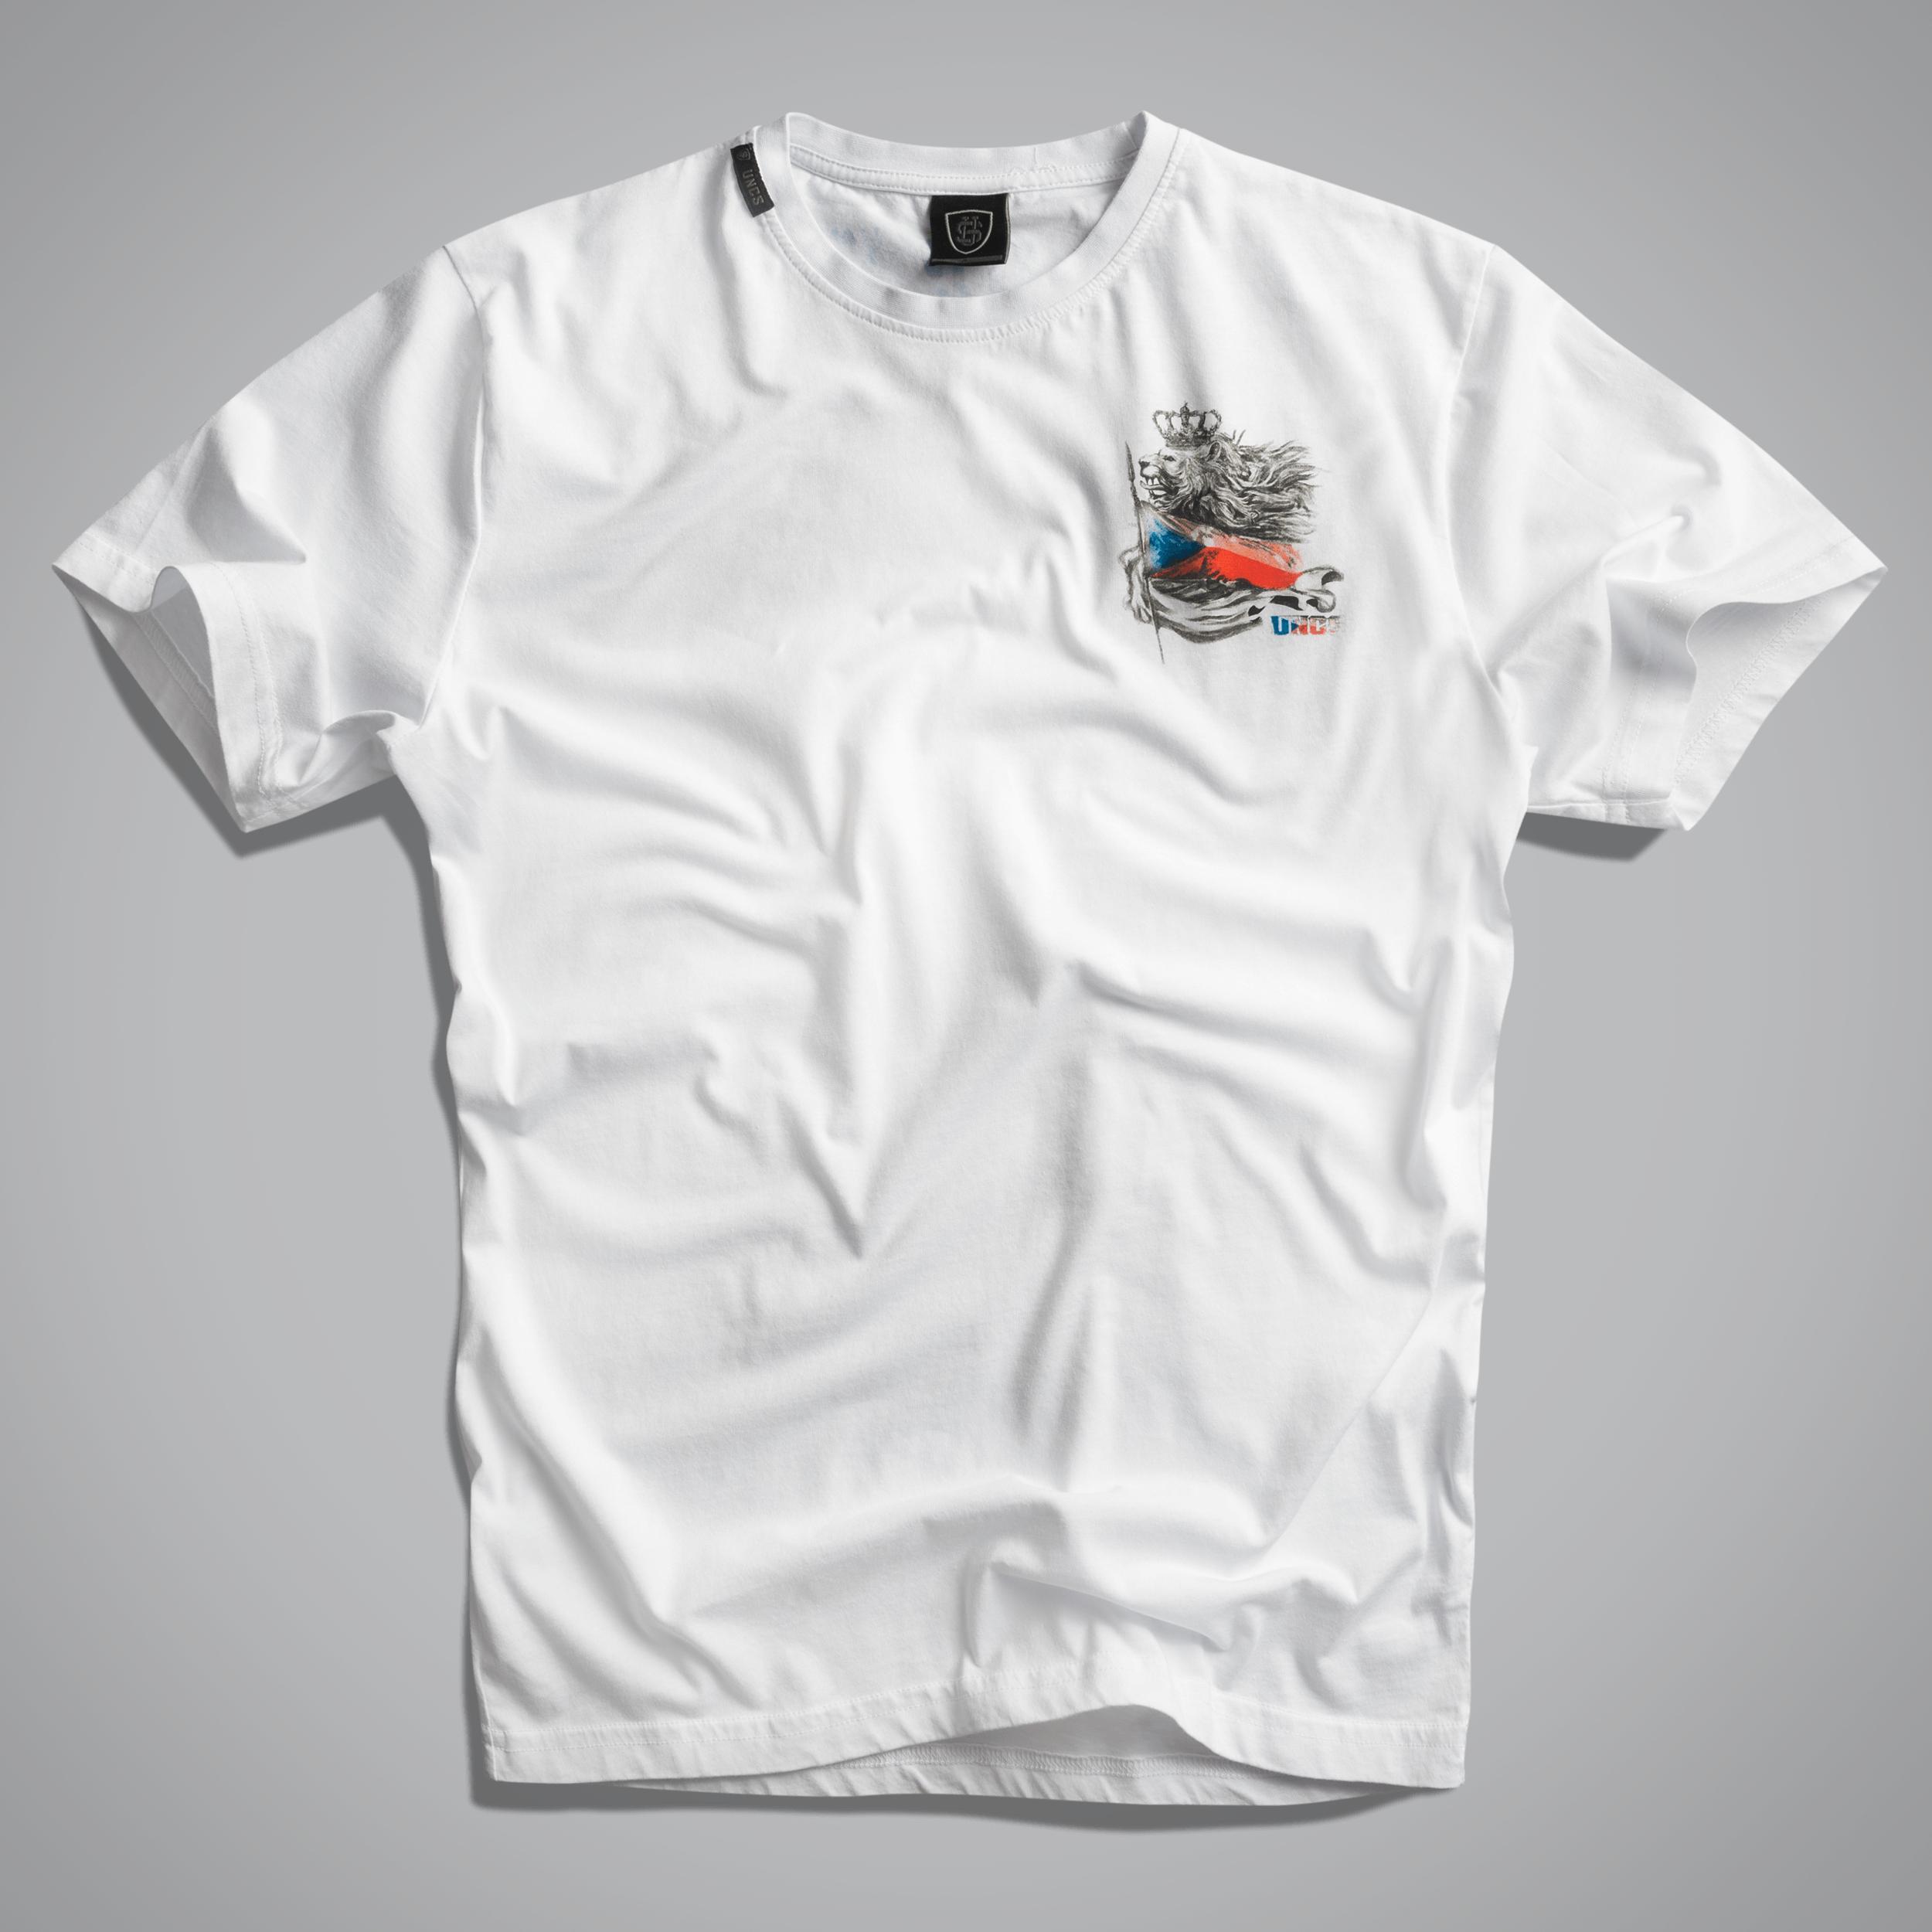 Pánské triko Czech Republic - Outlet - doprodej pánského oblečení 99006e5a58